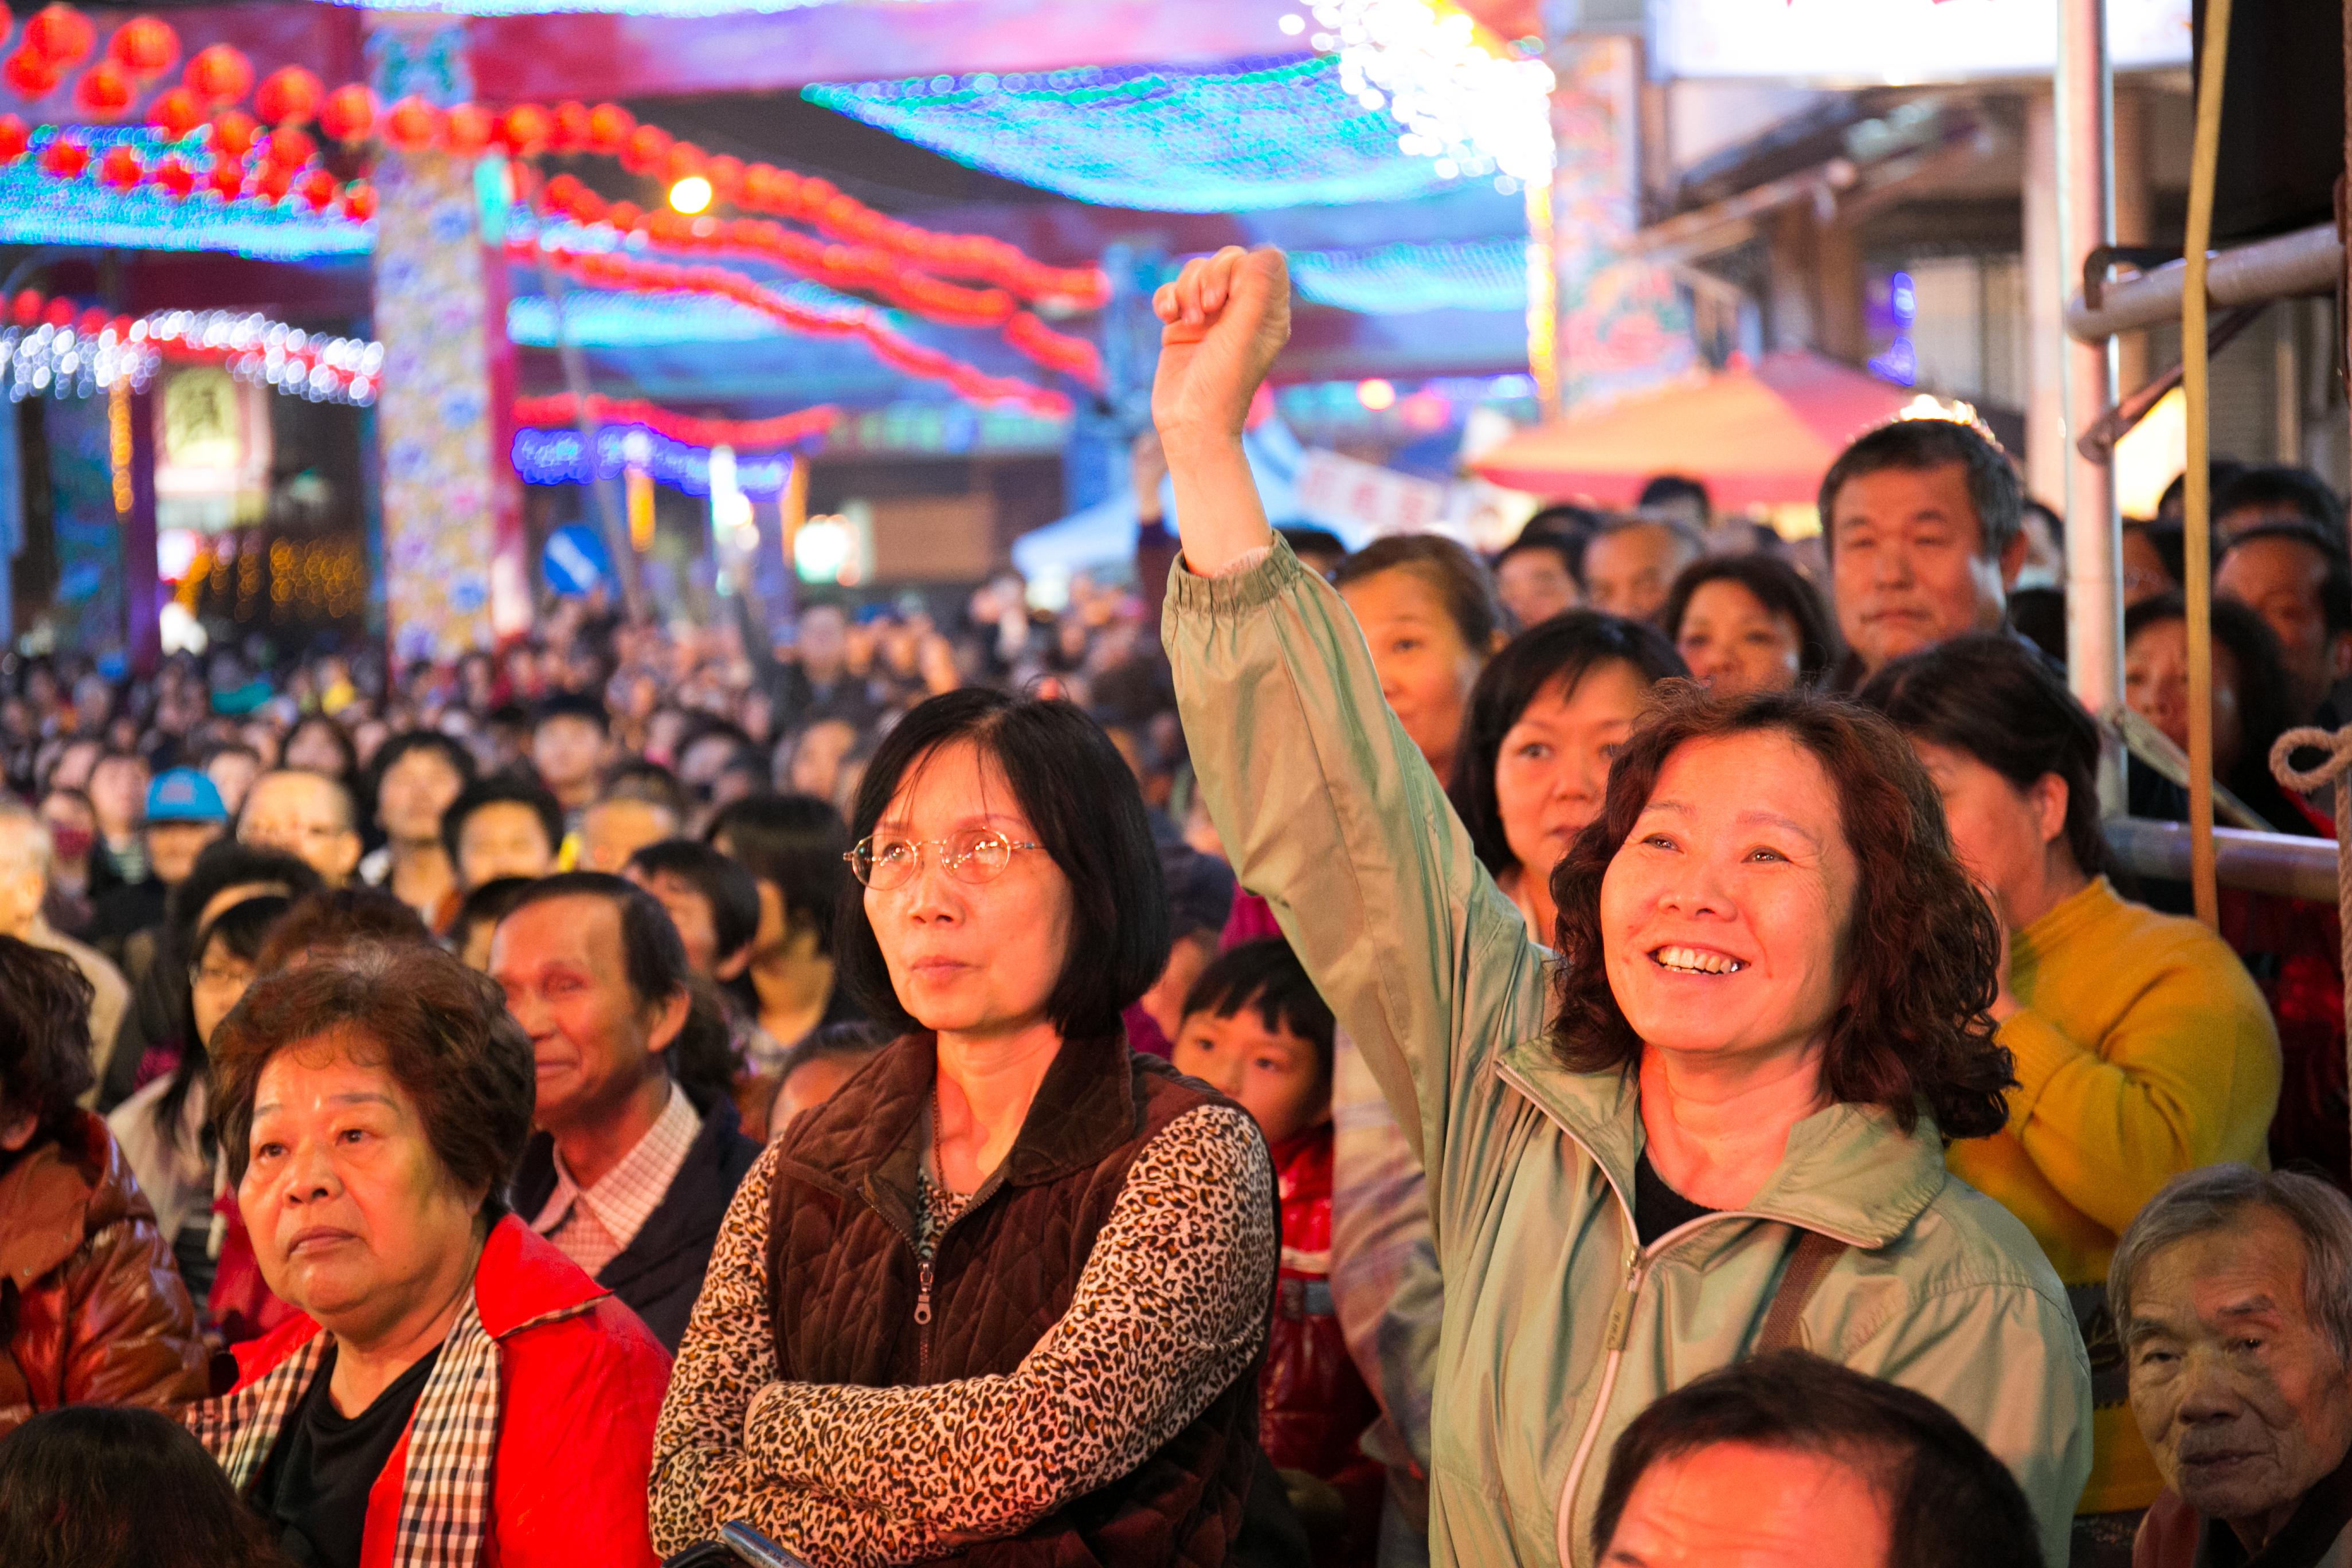 臺中媽祖國際觀光文化節在樂成宮,活動紀錄拍攝者台中婚錄張西米6